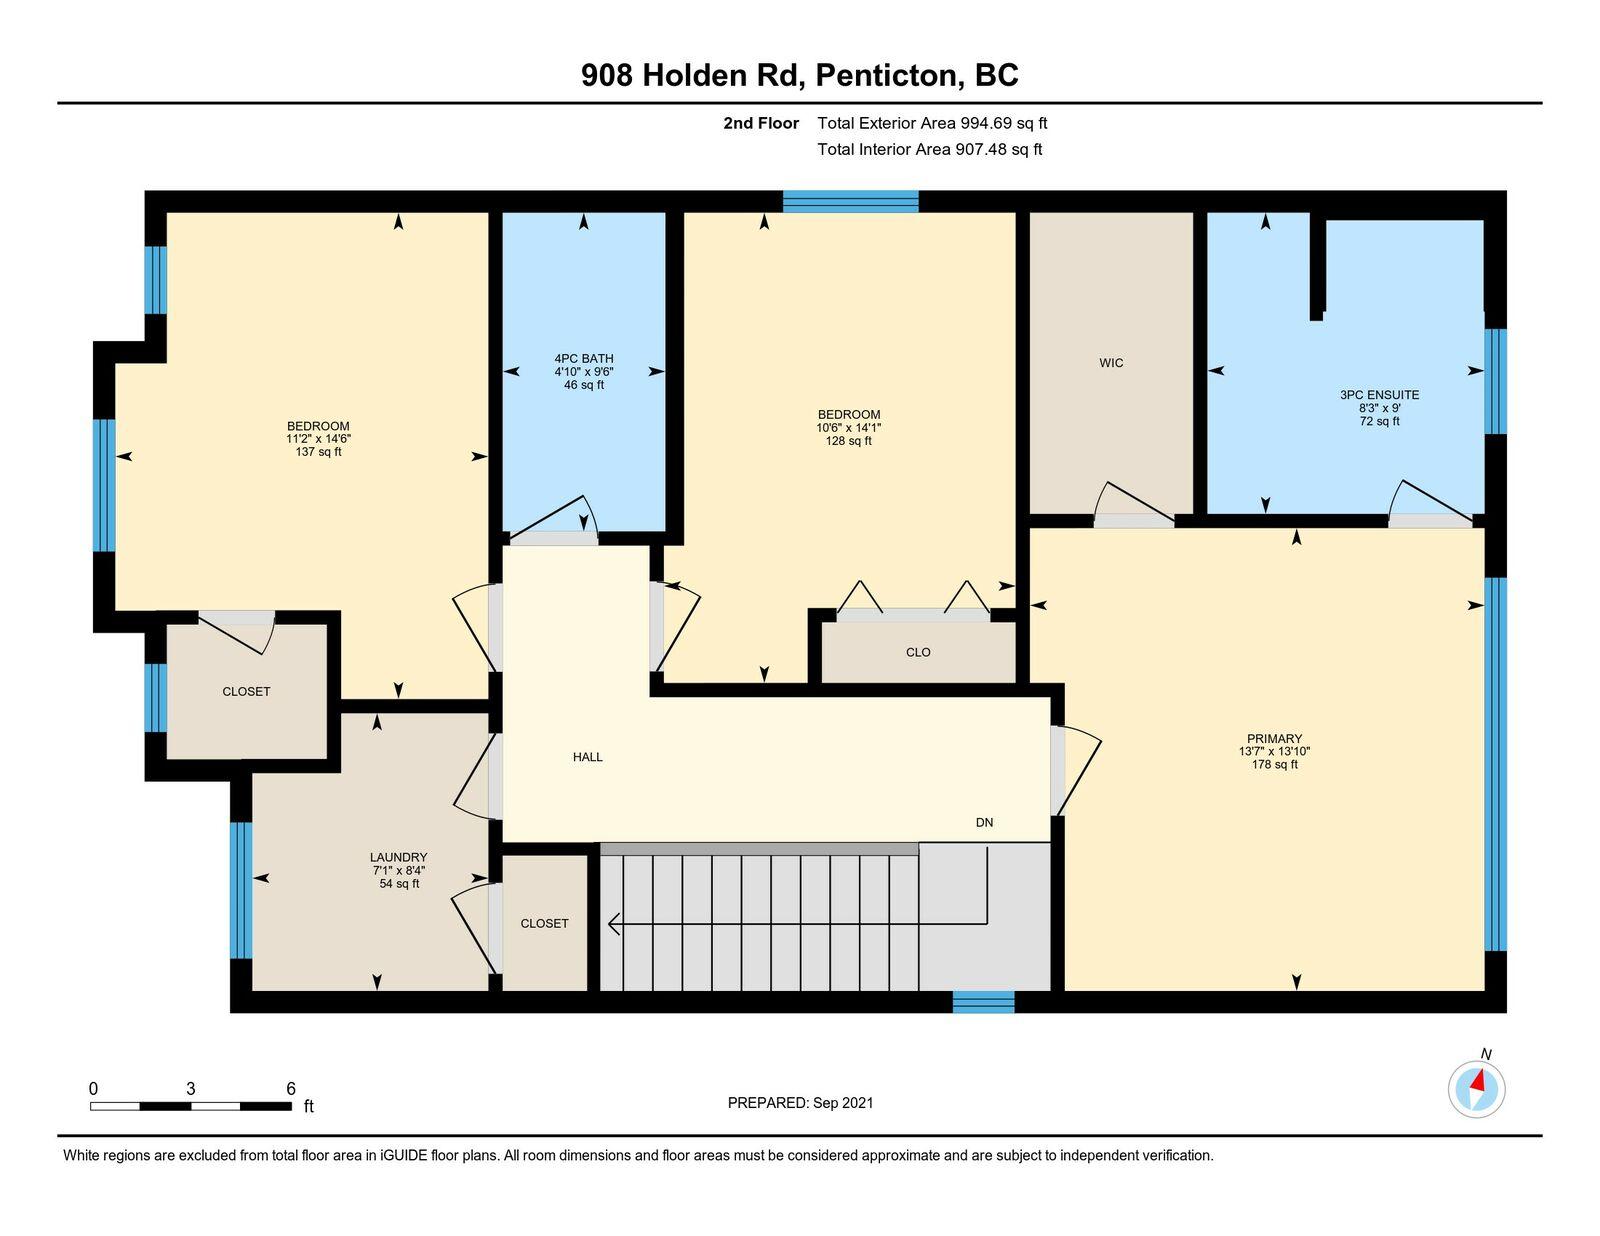 Floor Plan, 2nd